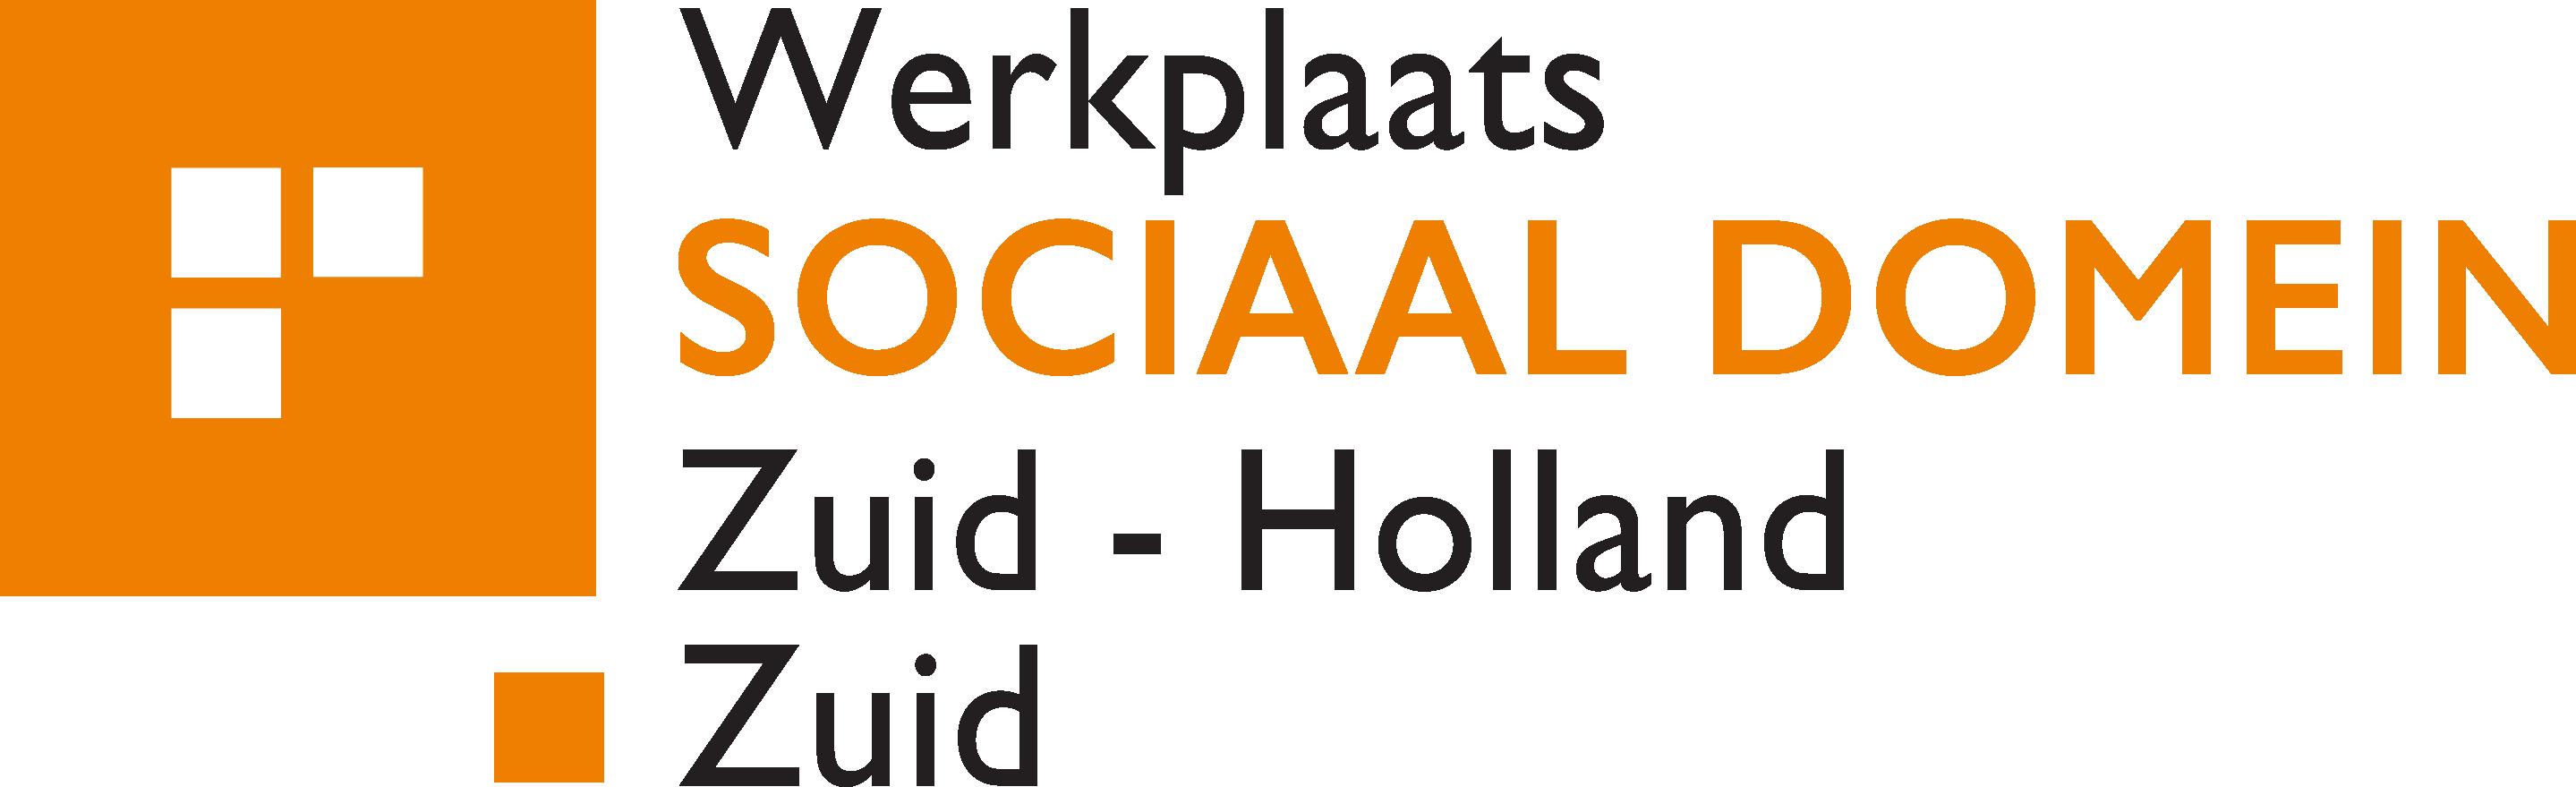 Werkplaatsen sociaal domein